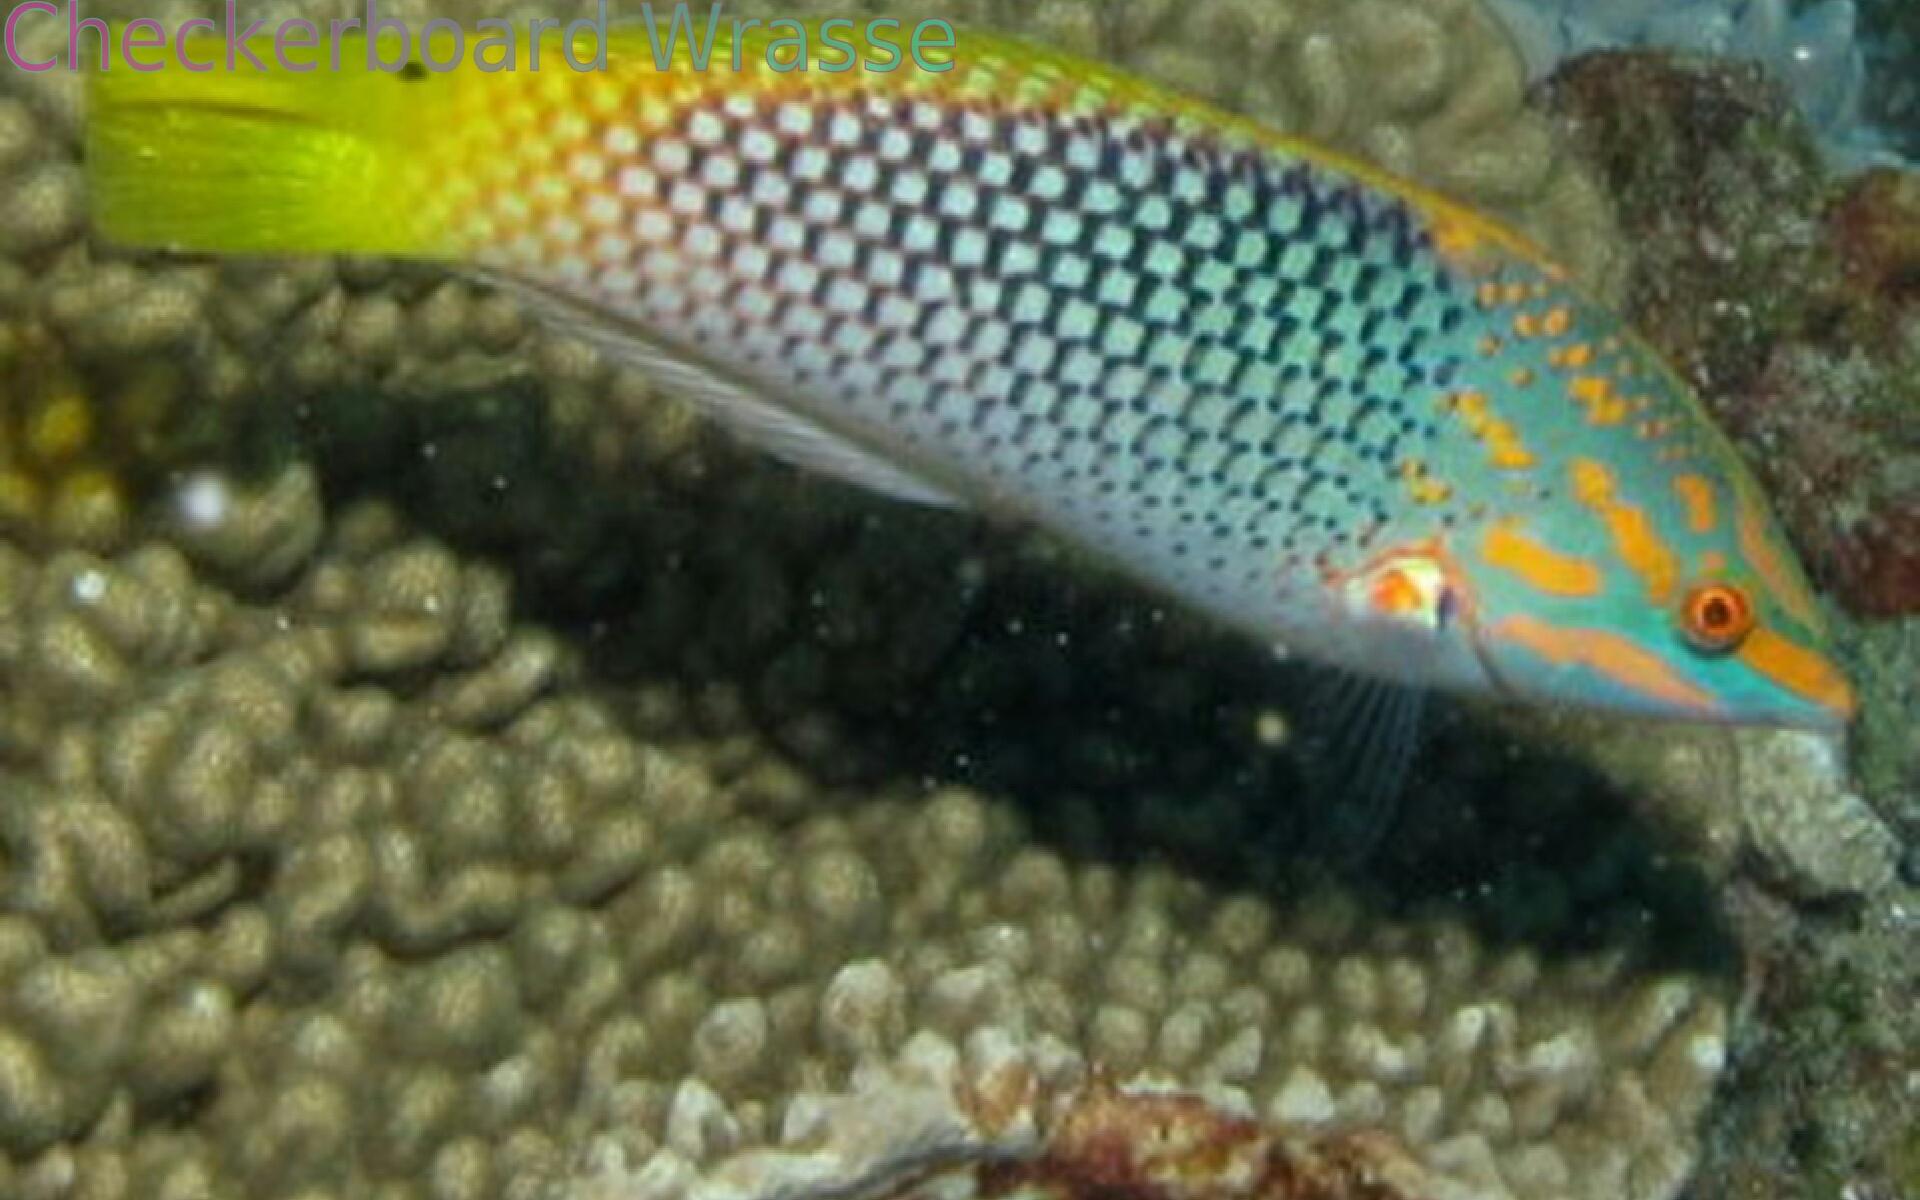 Marine aquarium fish appstore for android for Amazon aquarium fish